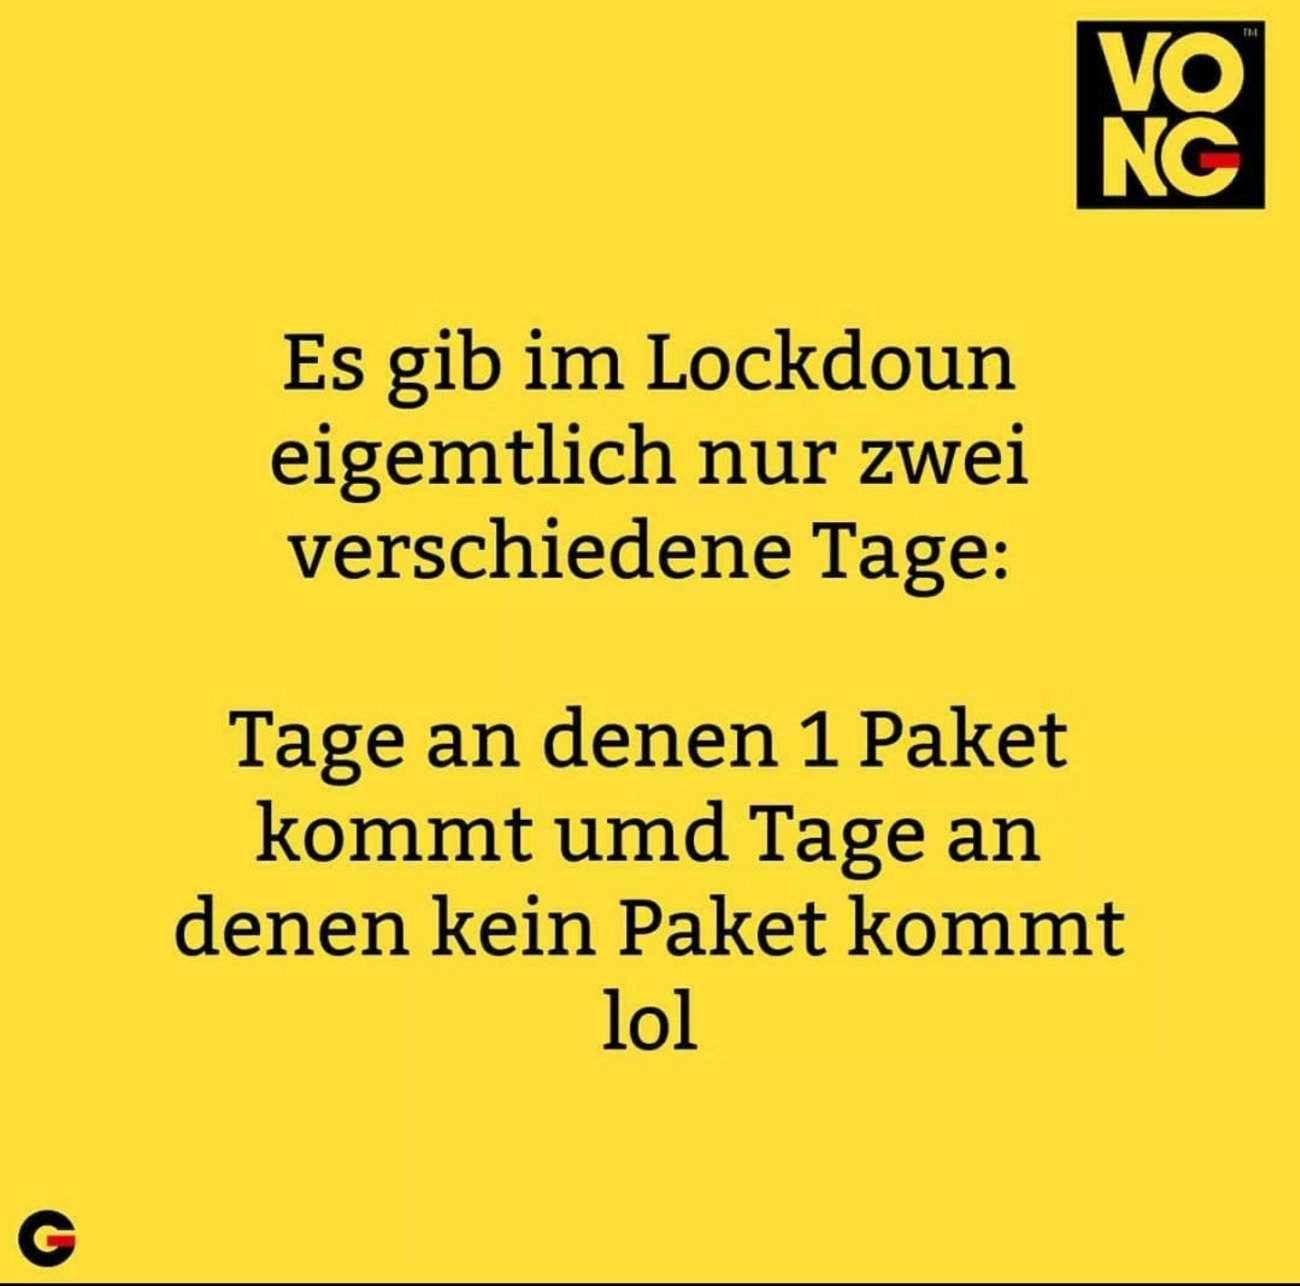 lockdown_pakete.jpg